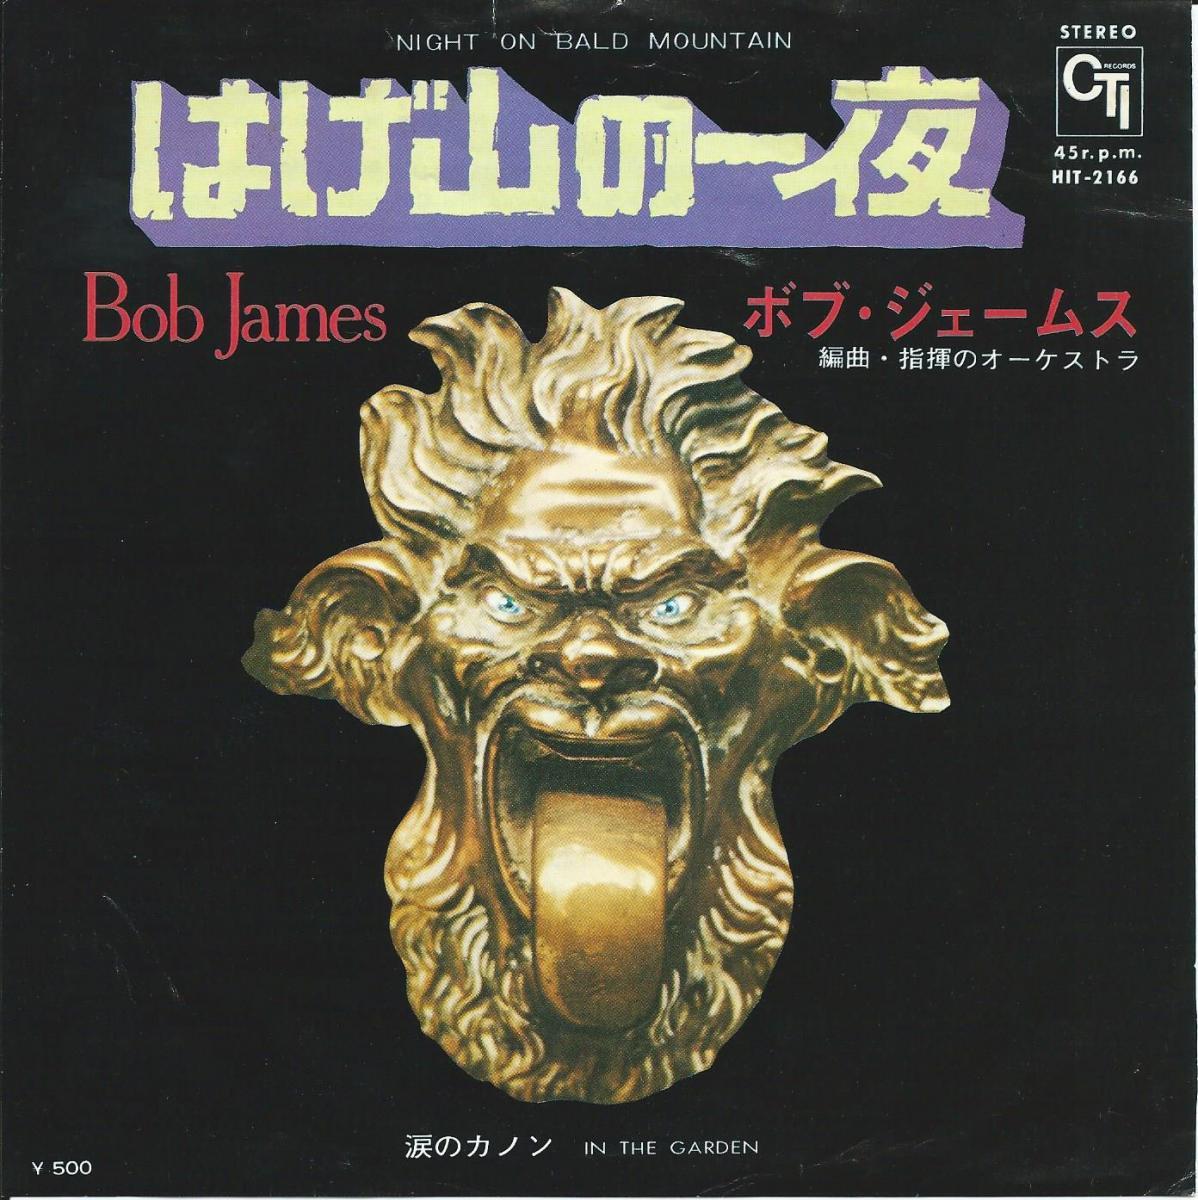 ボブ・ジェームス BOB JAMES / はげ山の一夜 NIGHT ON BALD MOUNTAIN (7